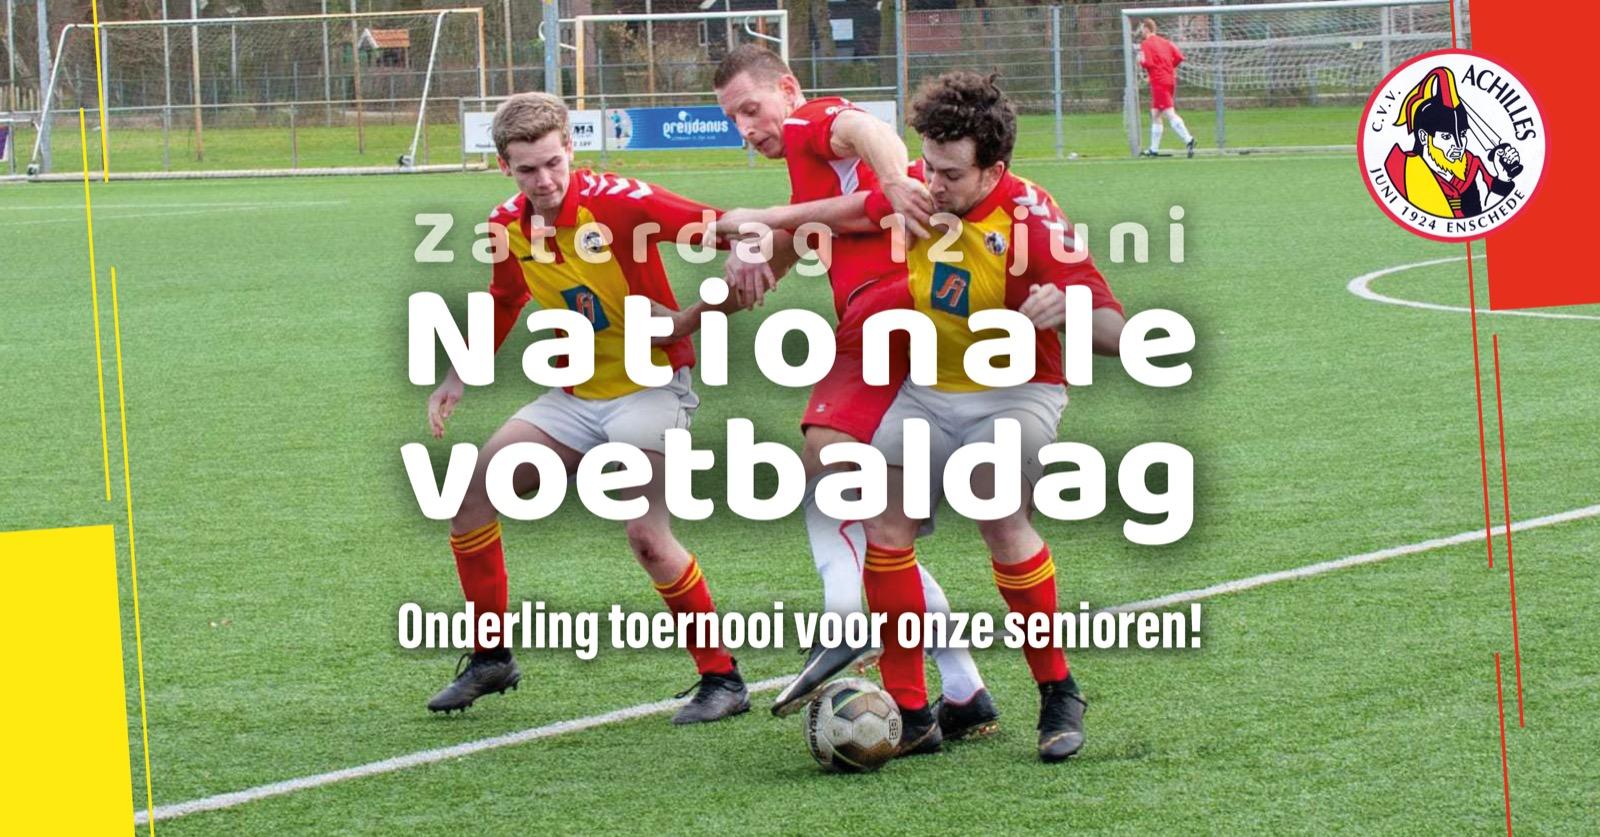 Nationale voetbaldag: onderling toernooi voor onze senioren